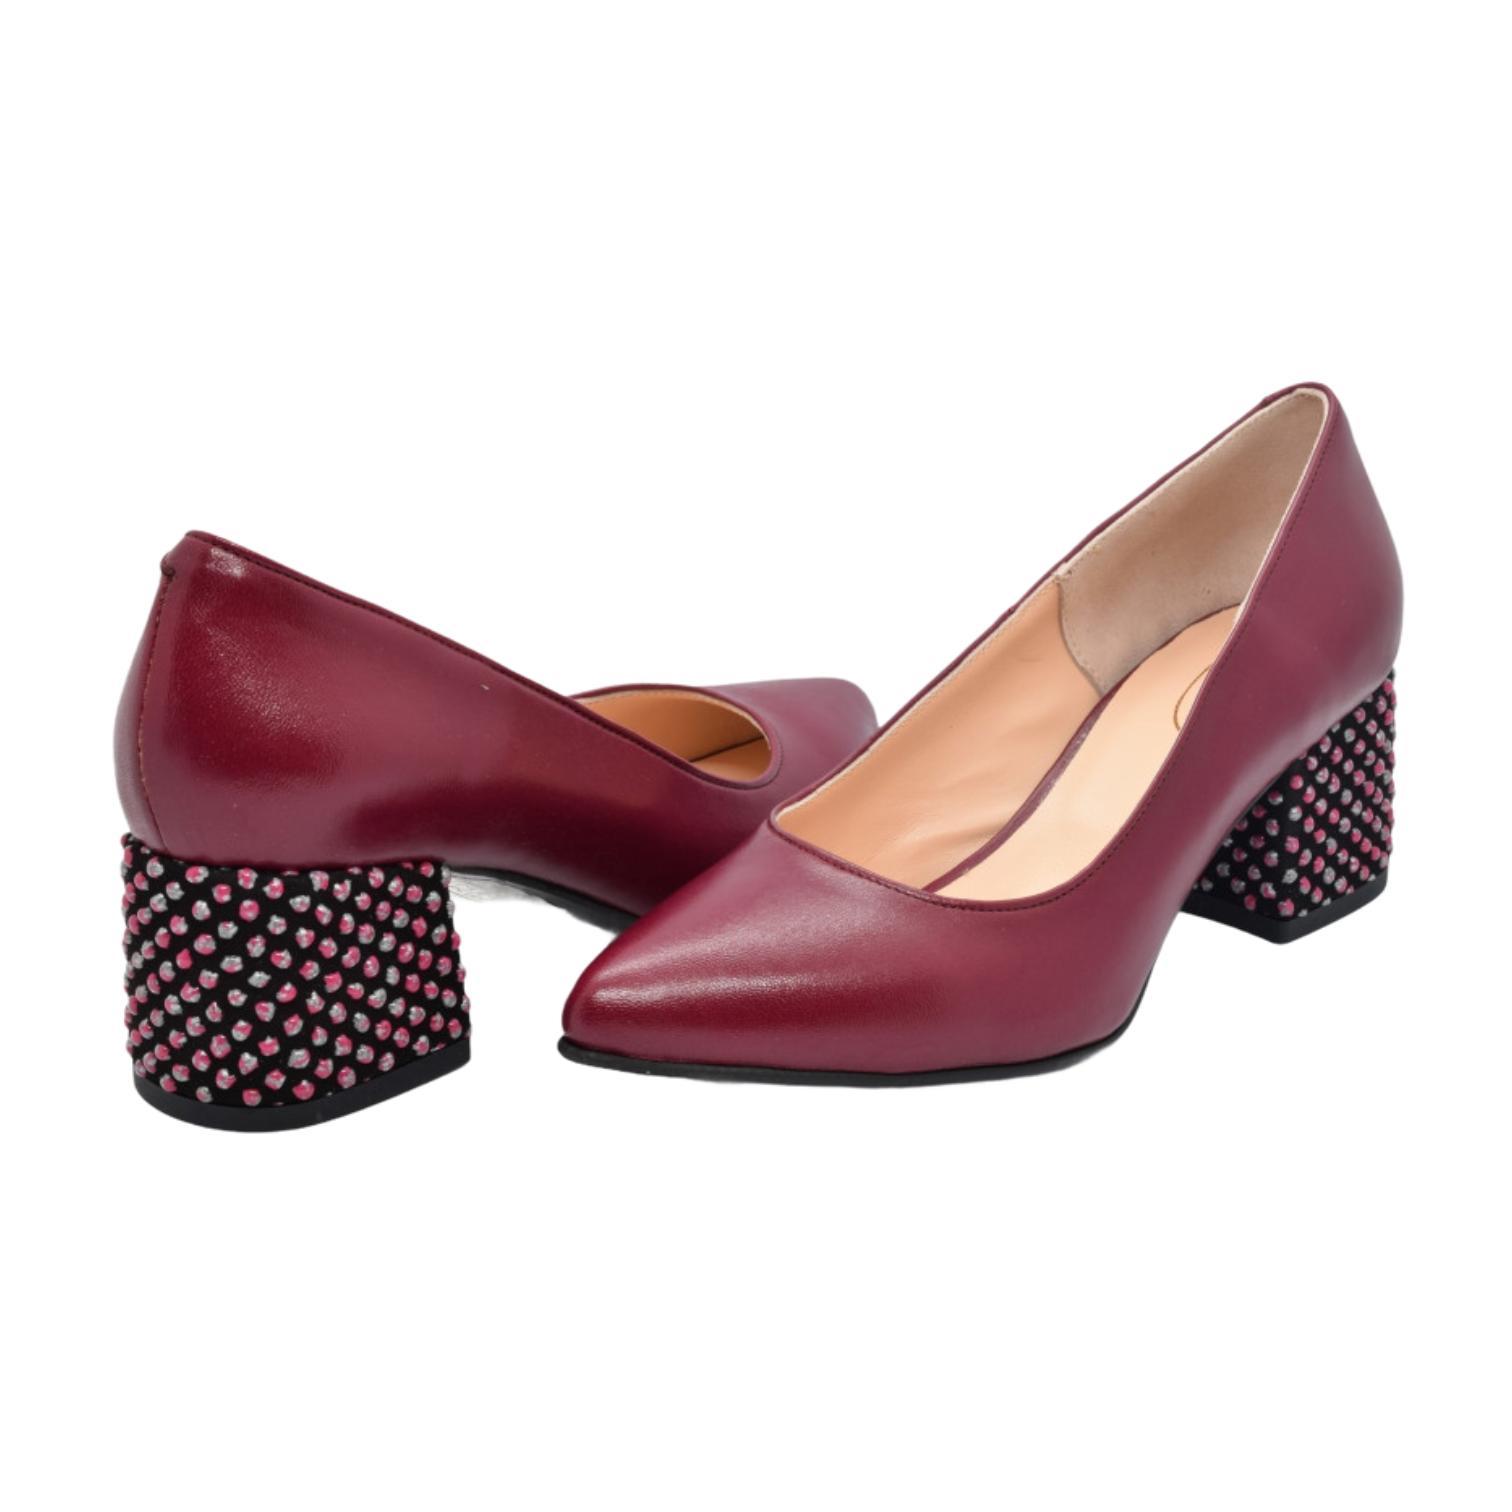 Pantofi visinii cu toc cu aplicatii sferice